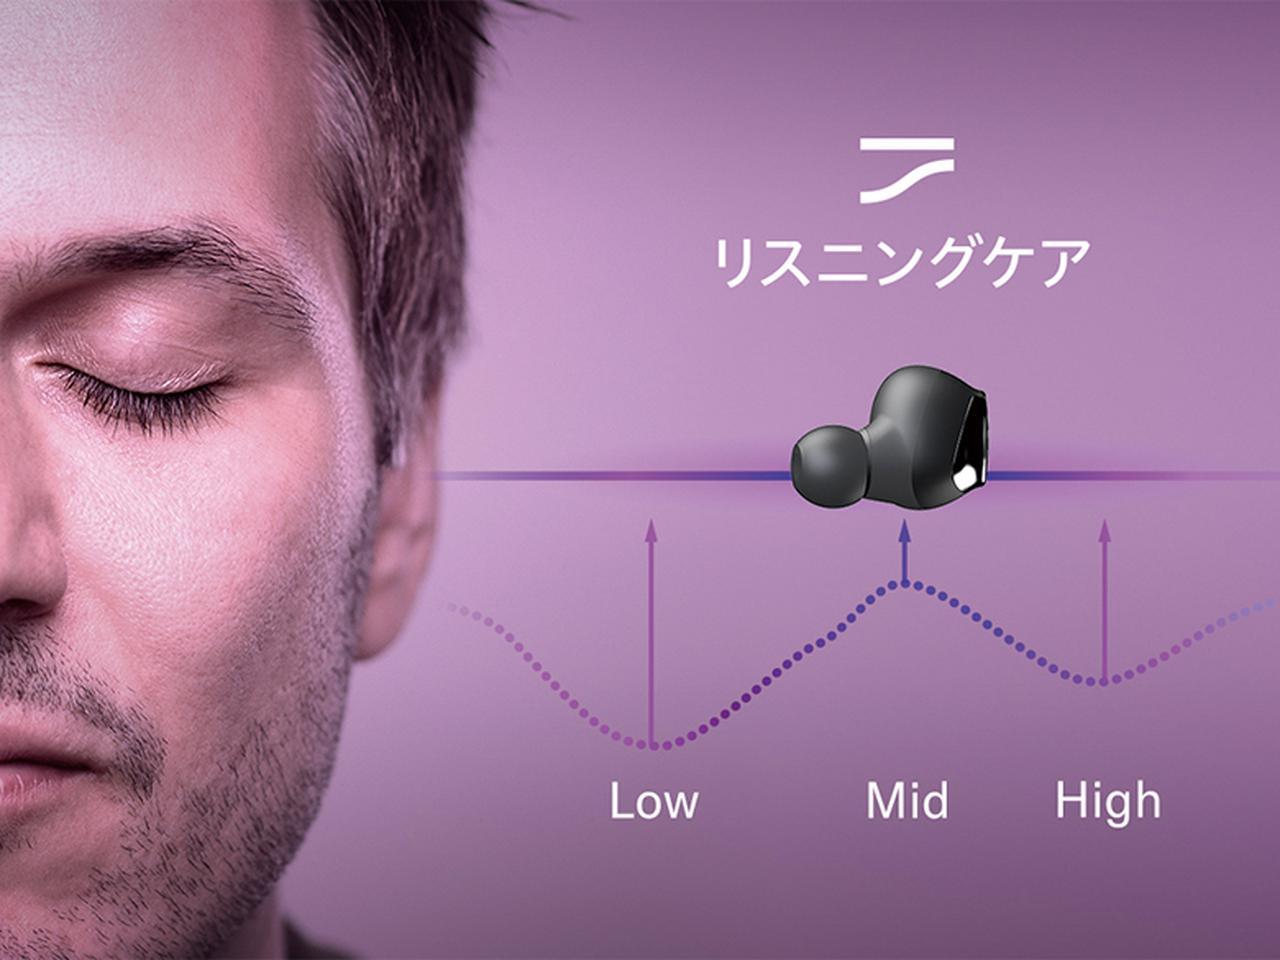 画像: 人間の聴感の特性に合わせ、音量が小さいときに低域と高域の音を最適に持ち上げる。電車や雑踏の中でも過度に音量を上げなくても済む。